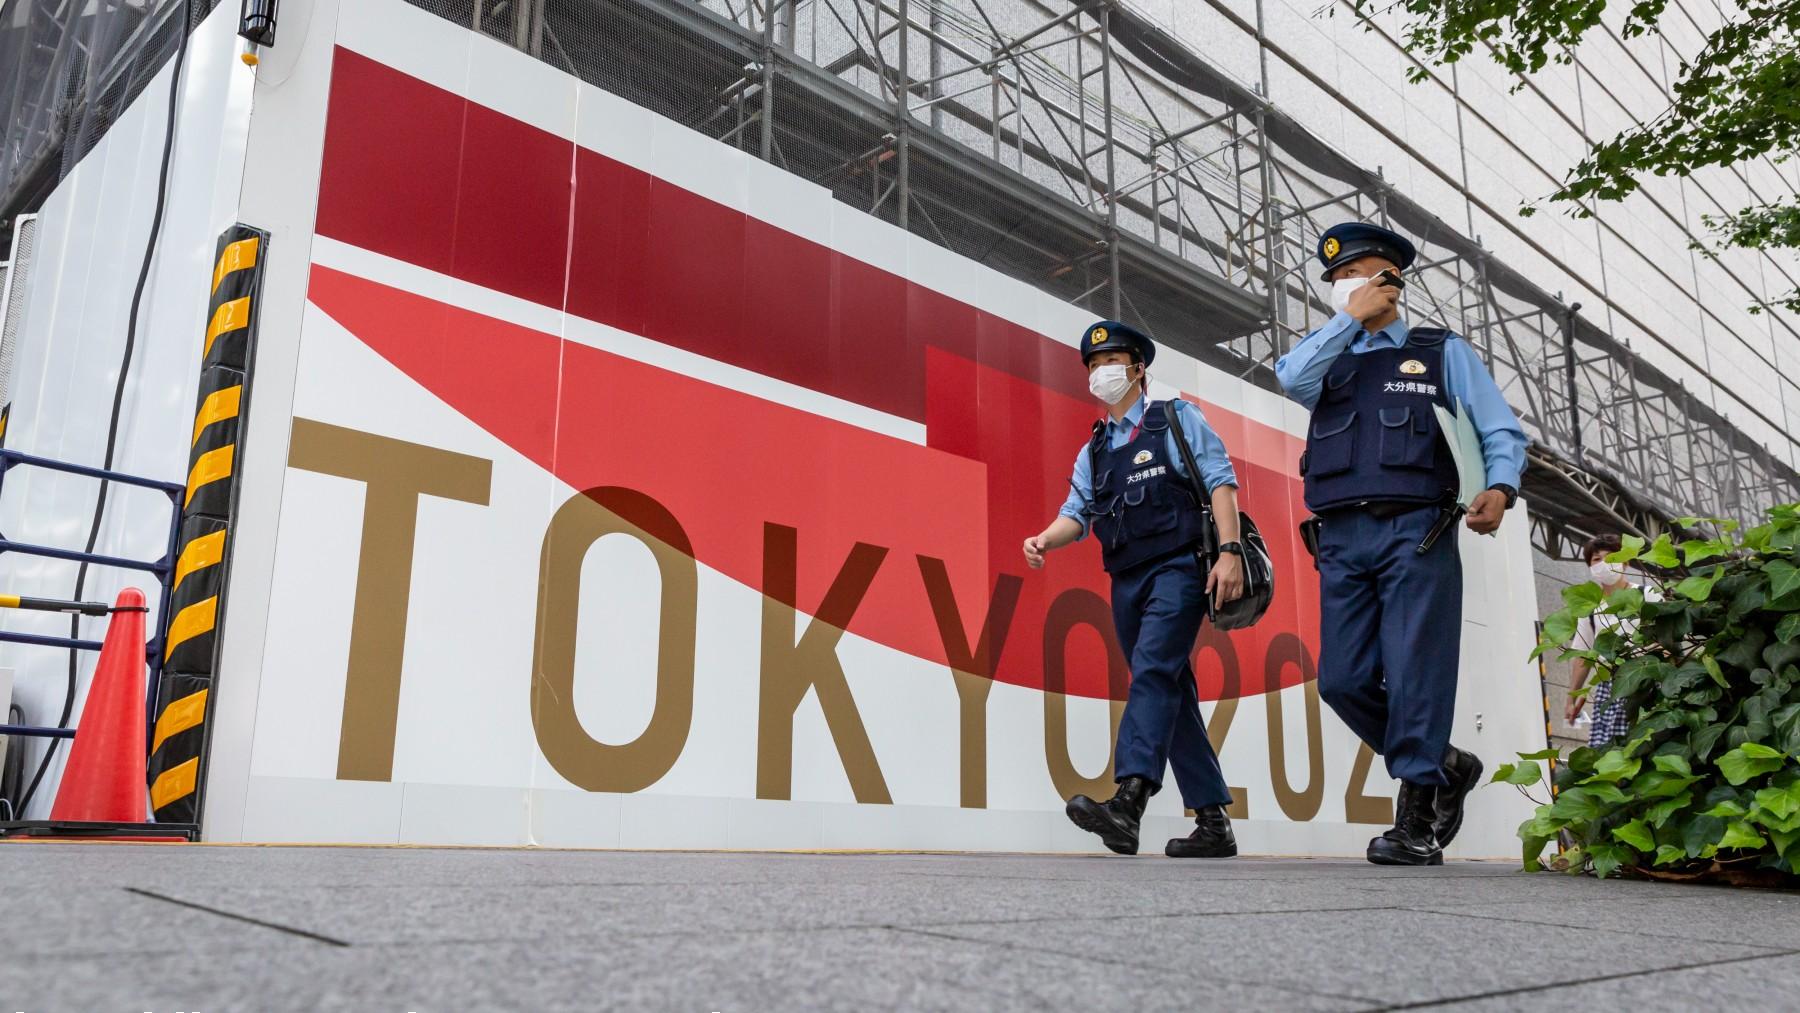 Un cartel de los Juegos Olímpicos de Tokio. (Getty)